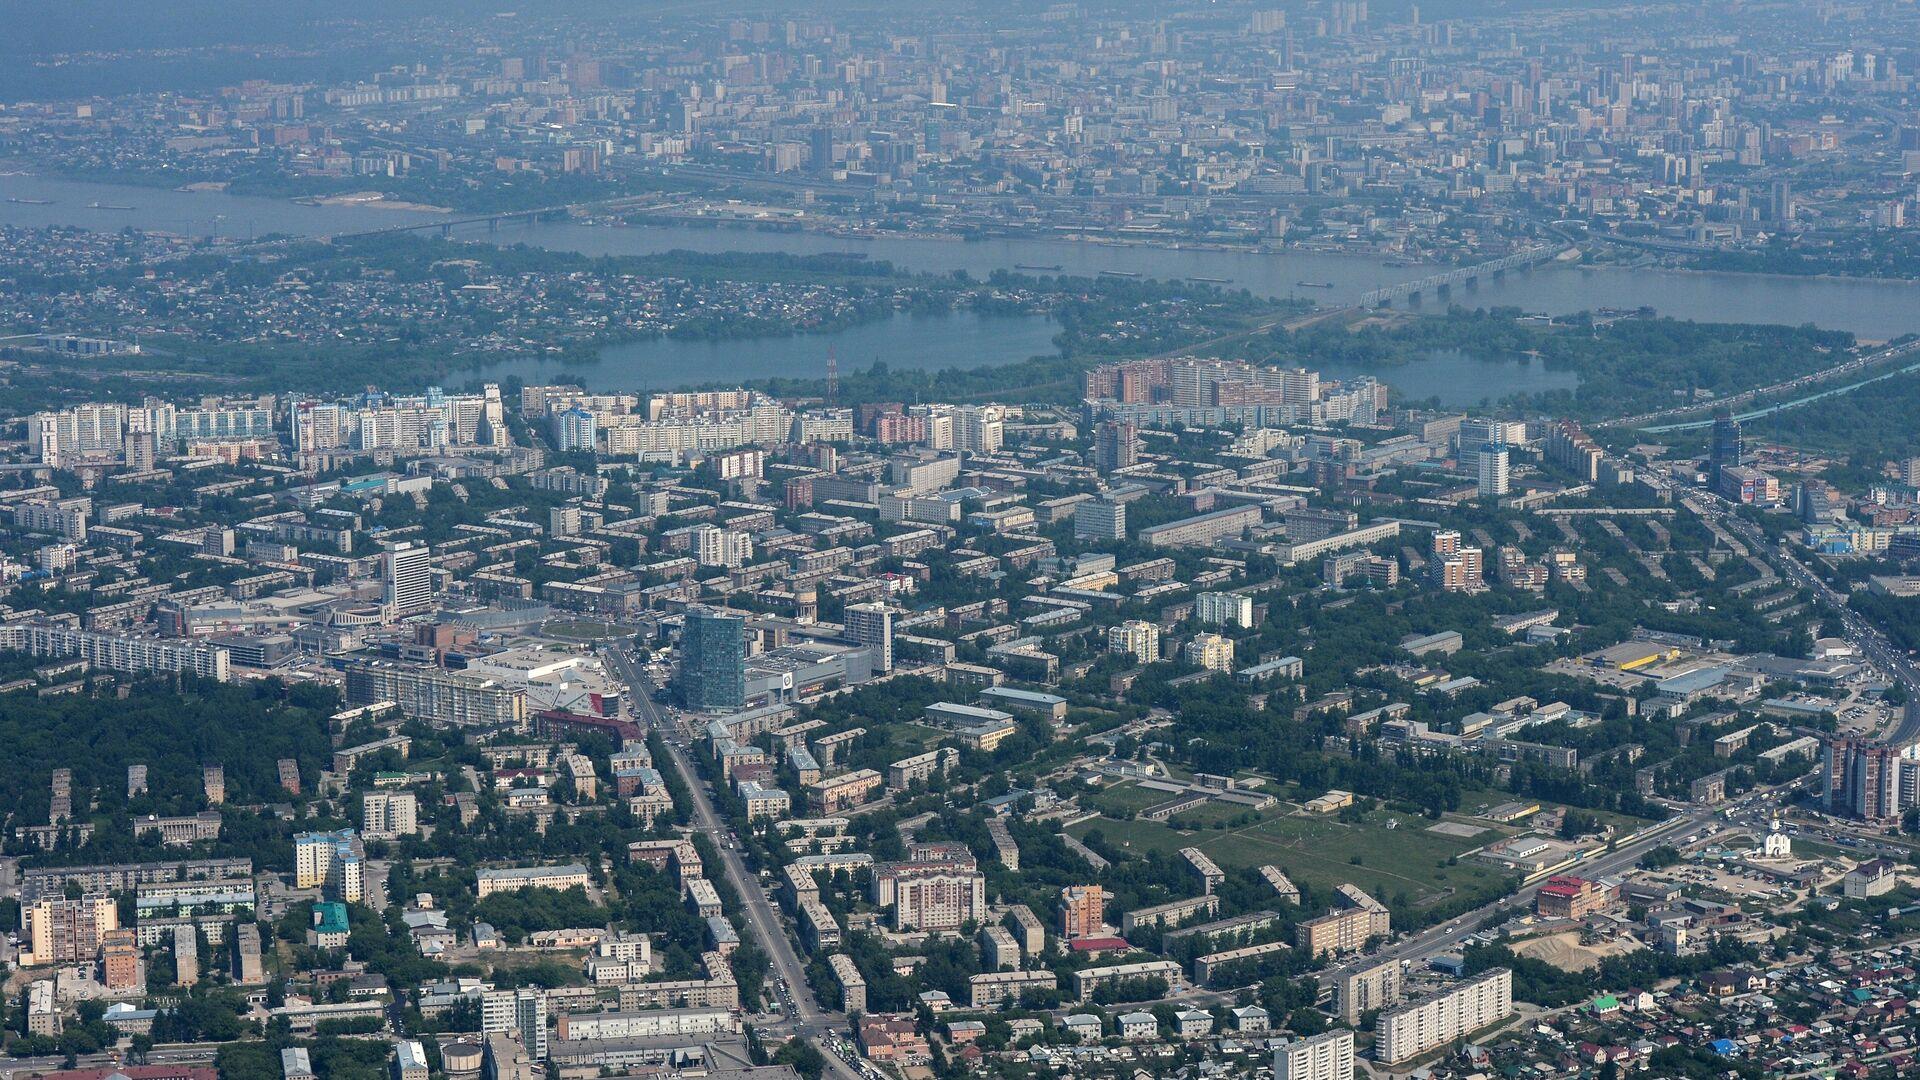 Города России. Новосибирск - РИА Новости, 1920, 29.09.2021